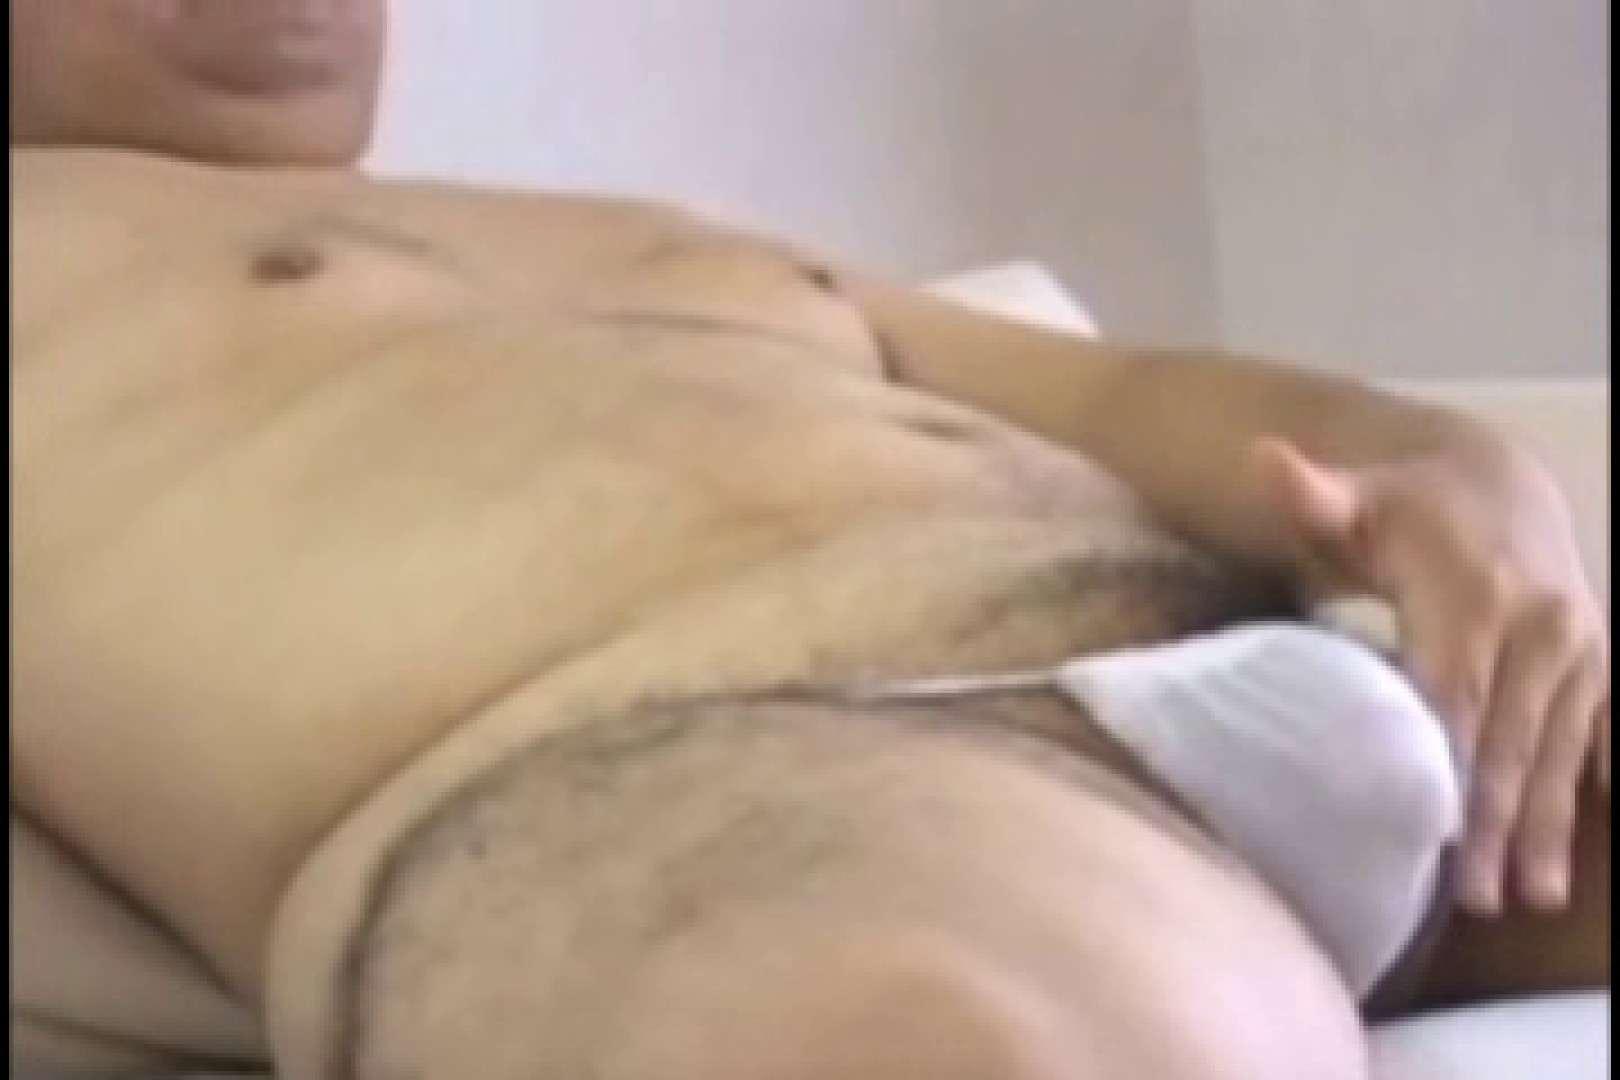 性欲に満ちたデカてぃむぽのホモ旦那 手淫 ゲイ無修正画像 96枚 51